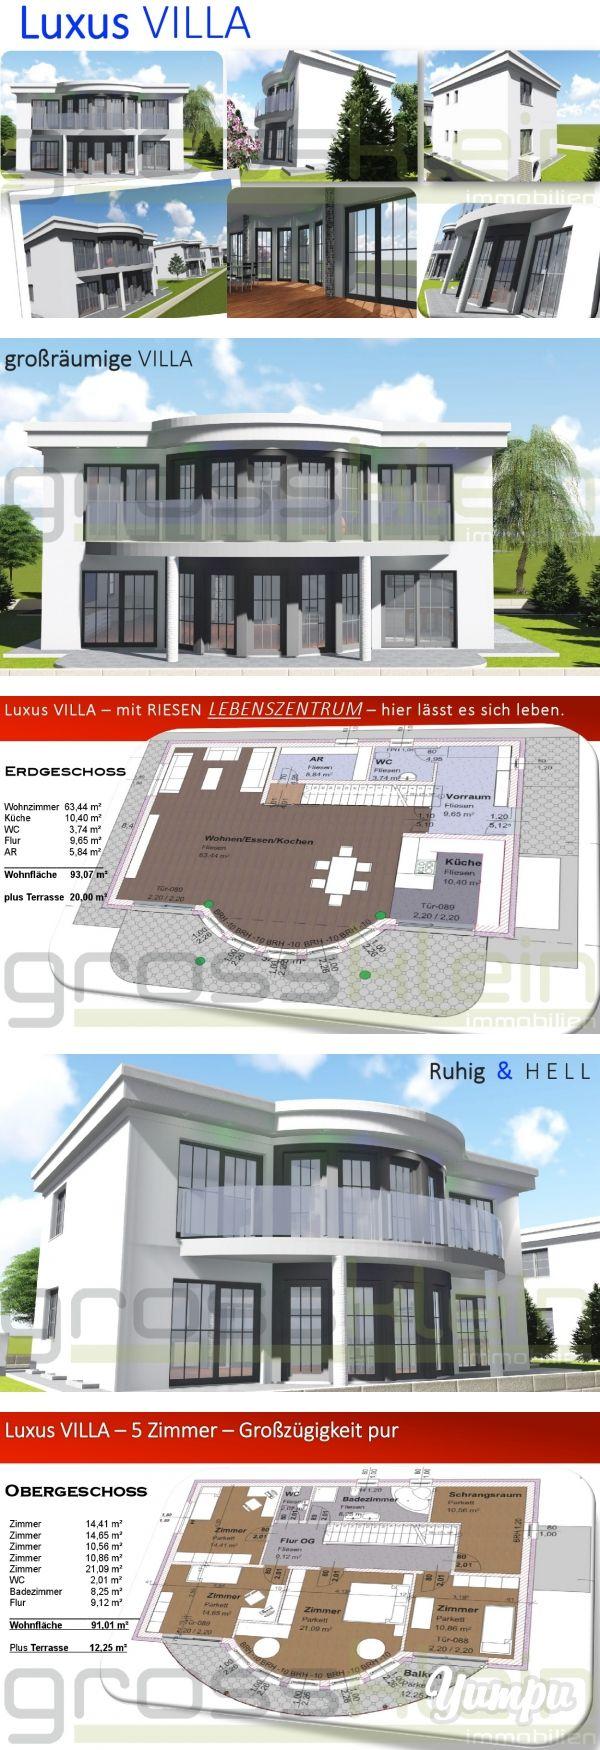 Great Grosszügiges Haus   180 Qm Wnfl. Mit Keller   Ohne Keller Ab 445.000 Euro